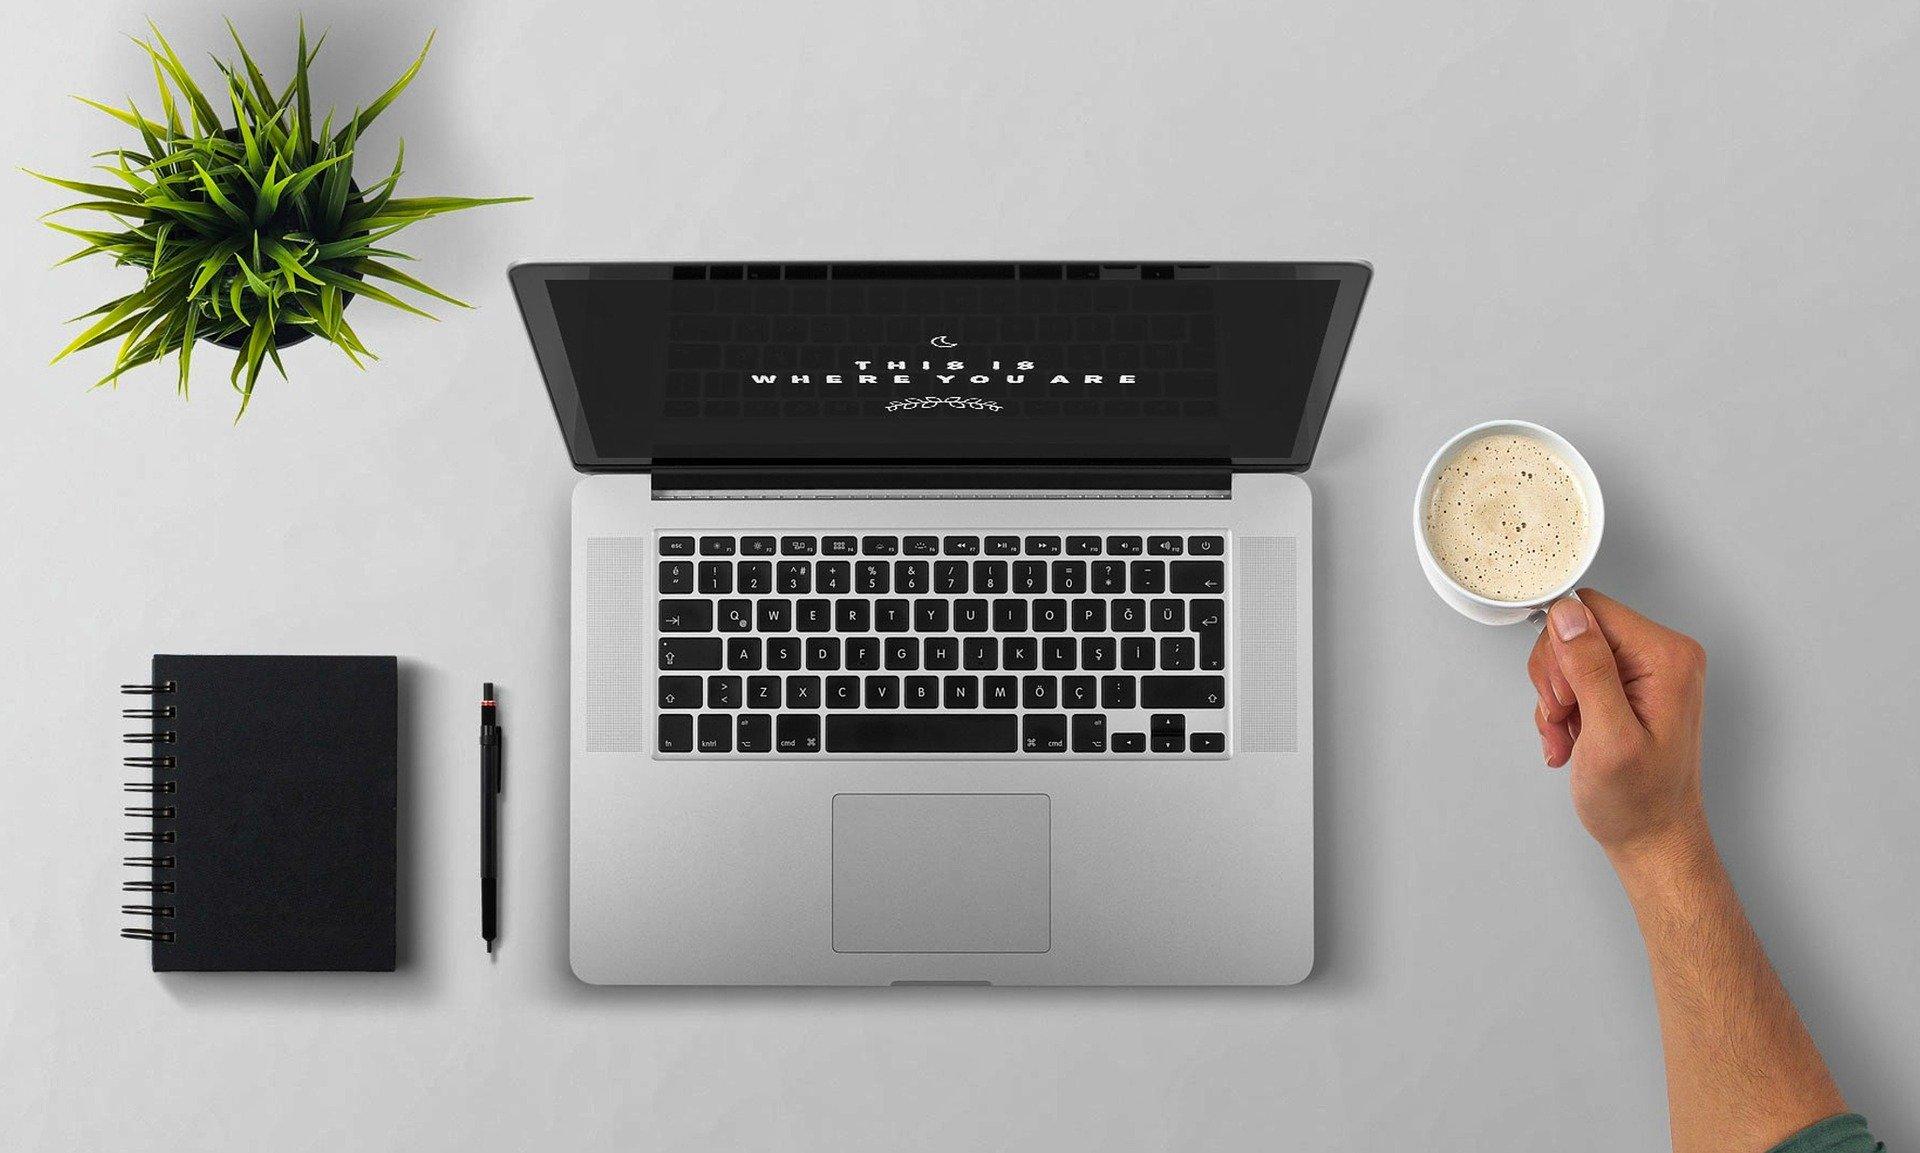 Imagem mostra um notebook, uma caderneta, uma caneta, uma planta e uma xícara de café sobre uma mesa.